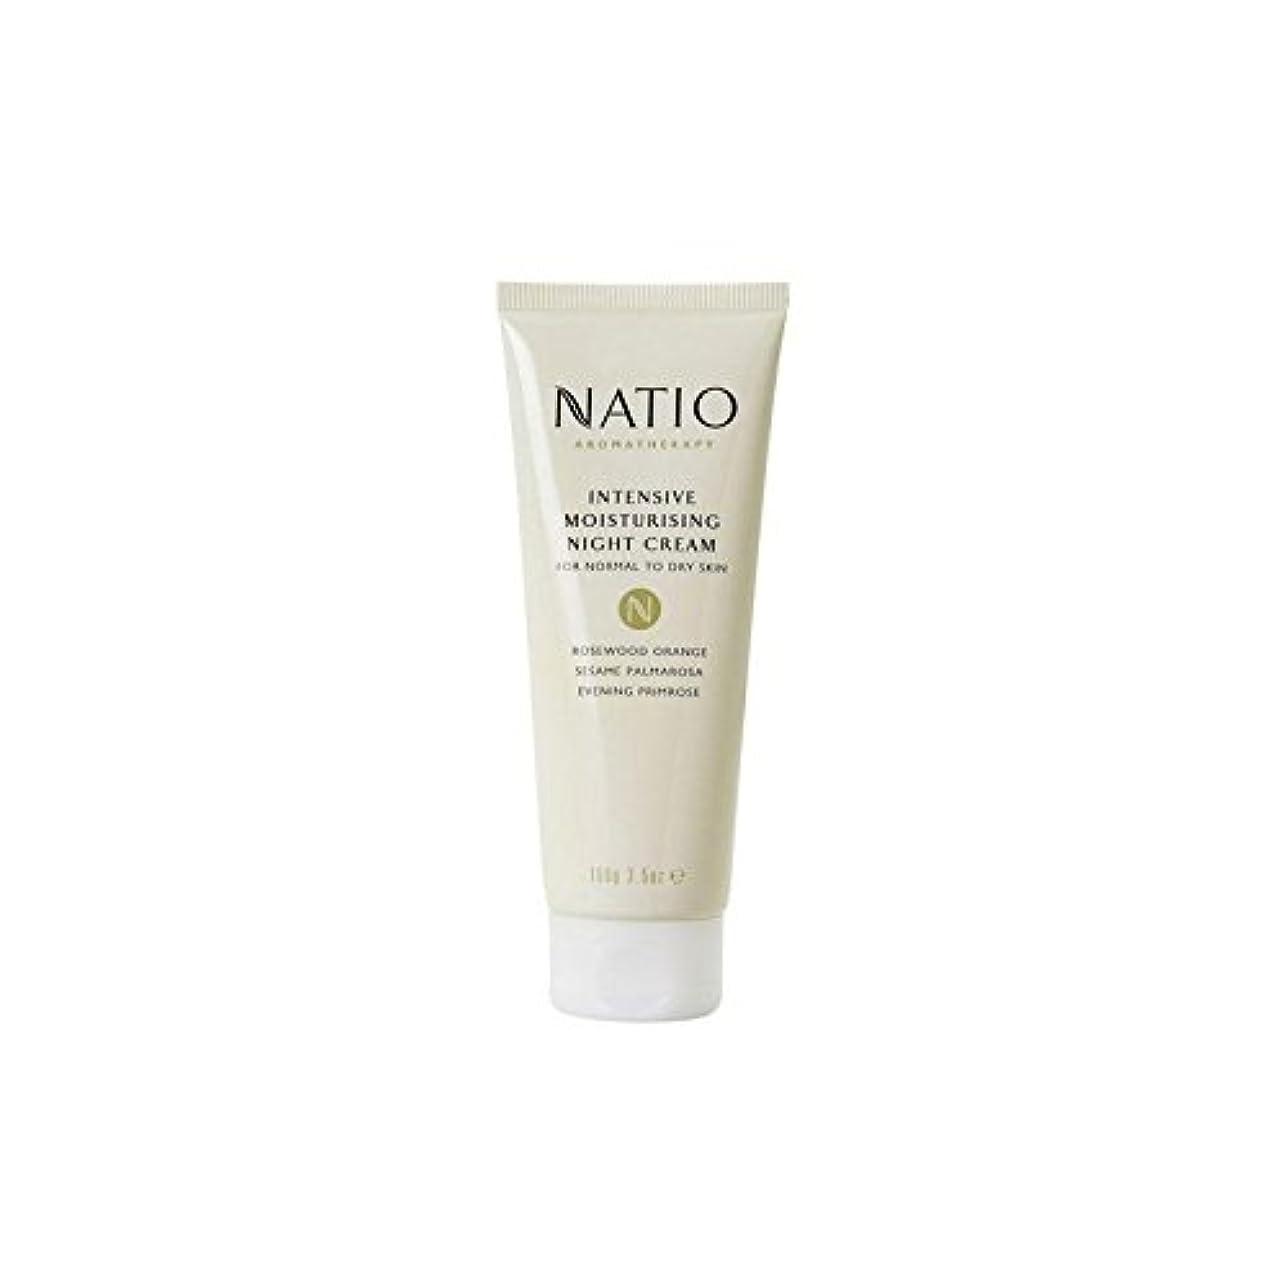 ヨーロッパ踏み台に頼る集中的な保湿ナイトクリーム(100グラム) x2 - Natio Intensive Moisturising Night Cream (100G) (Pack of 2) [並行輸入品]